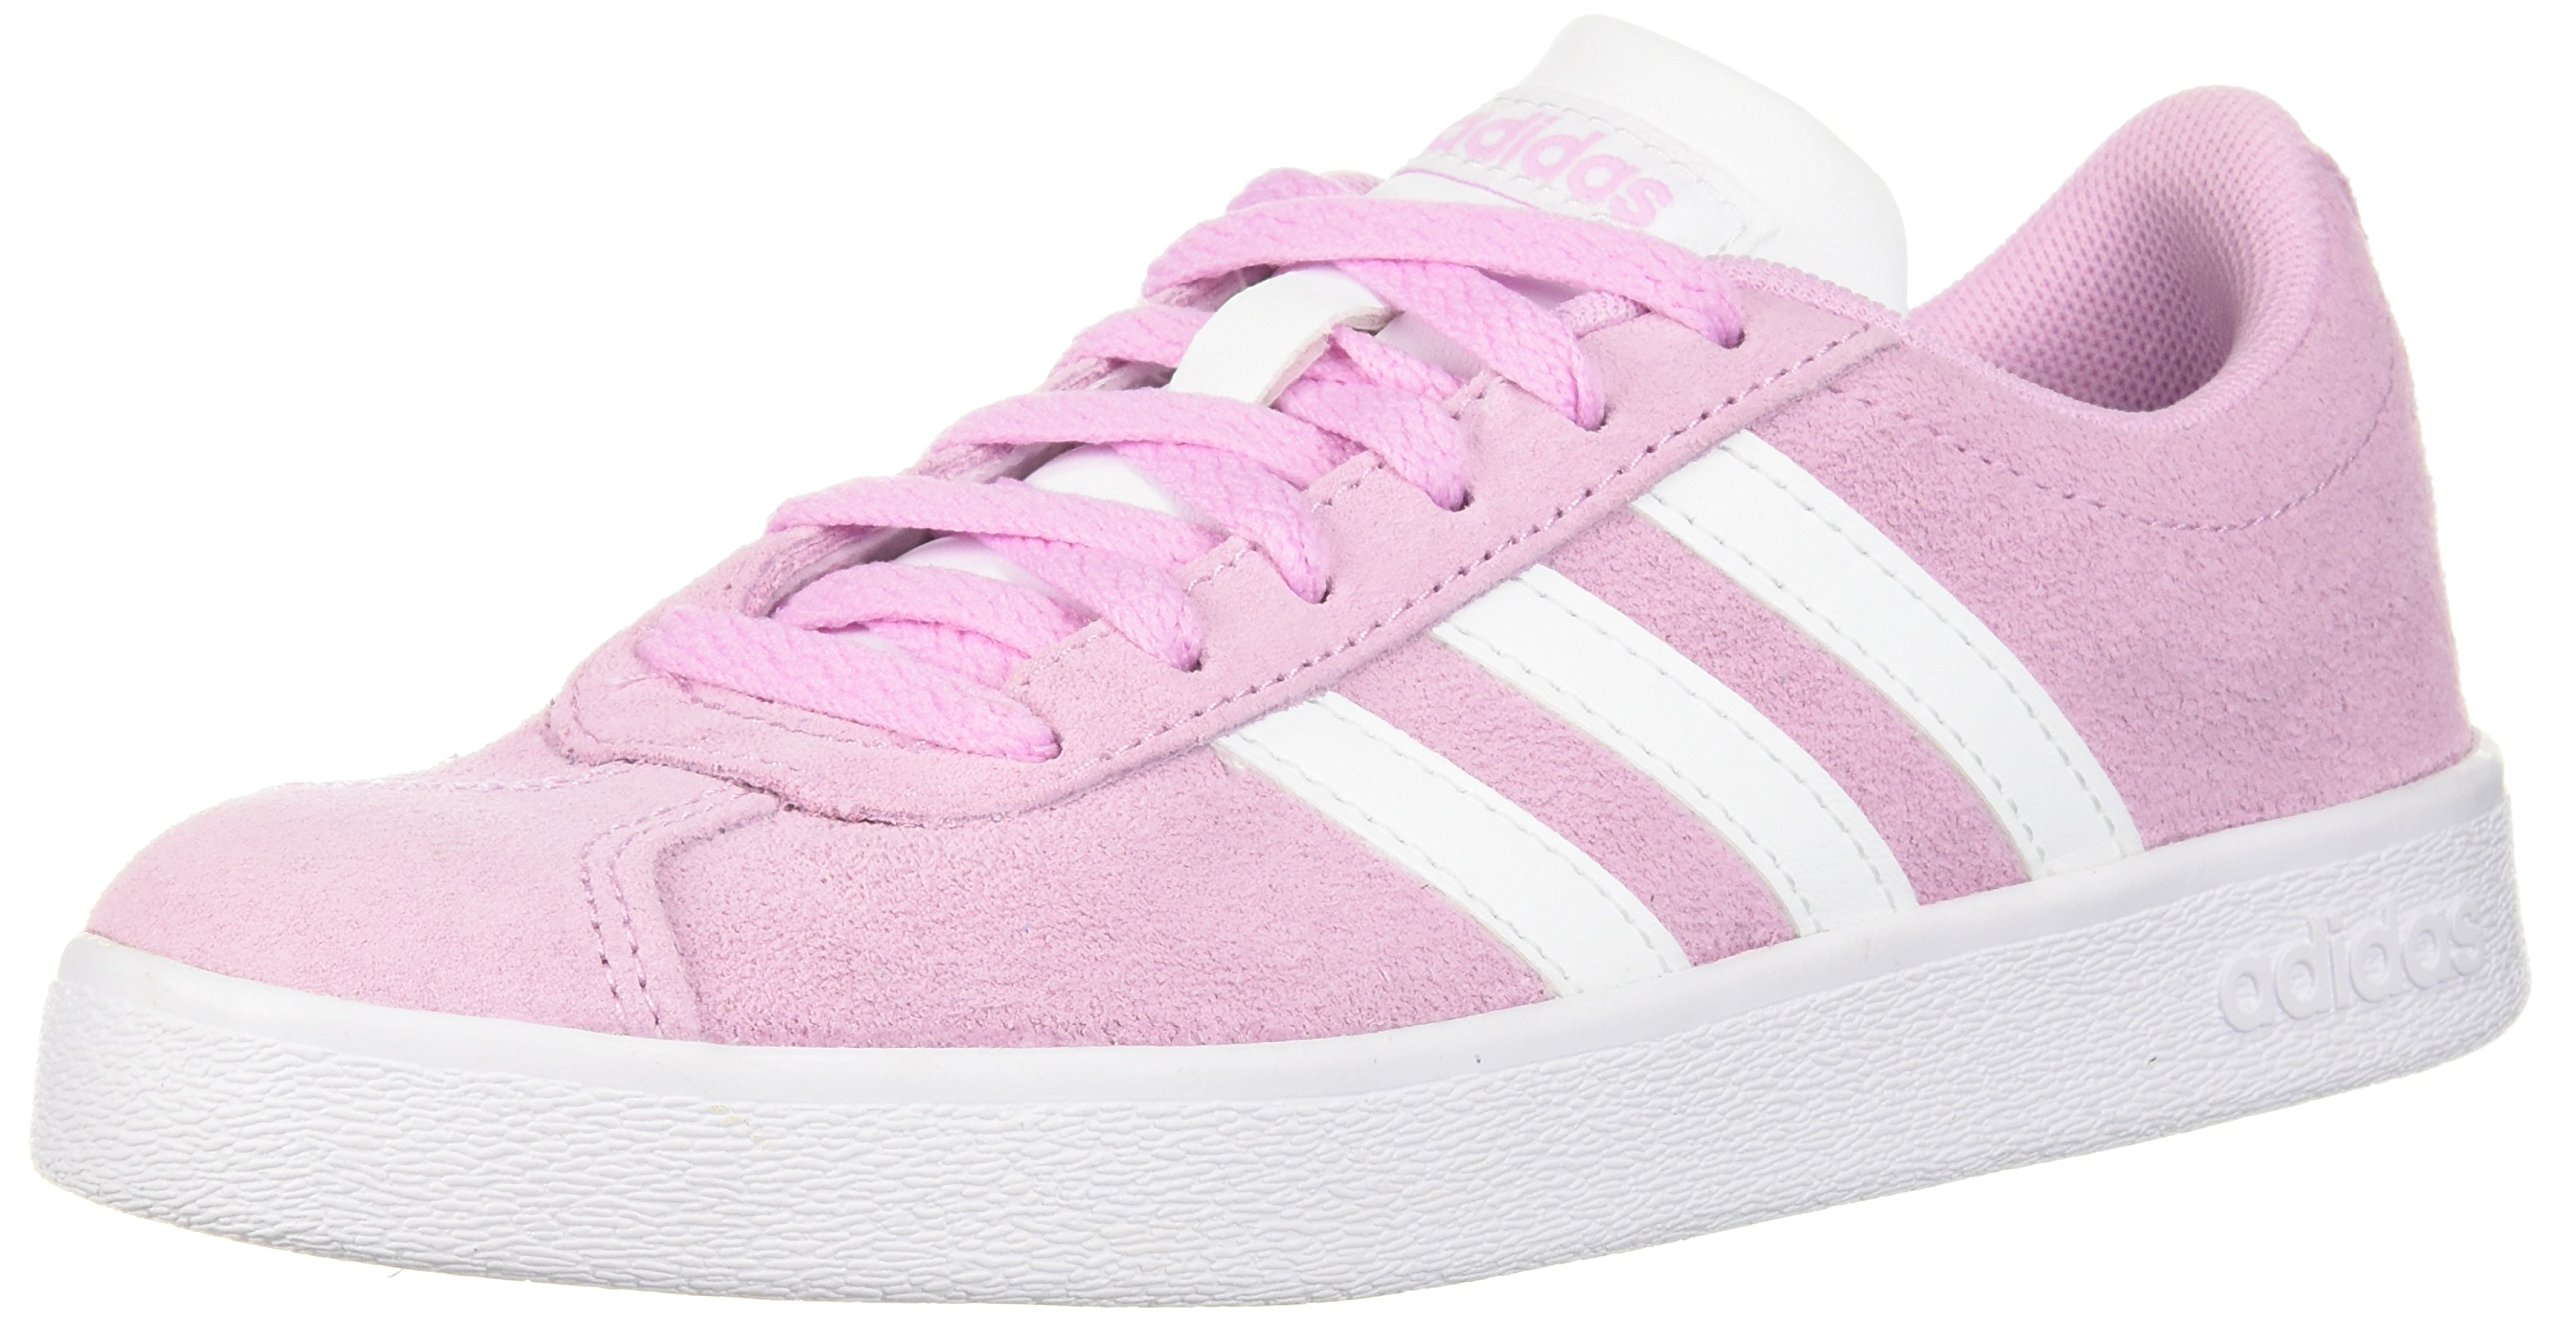 adidas Kids' VL Court 2.0 Sneaker, Frost Pink, Ftwr White, Ftwr White, 1.5 M US Little Kid